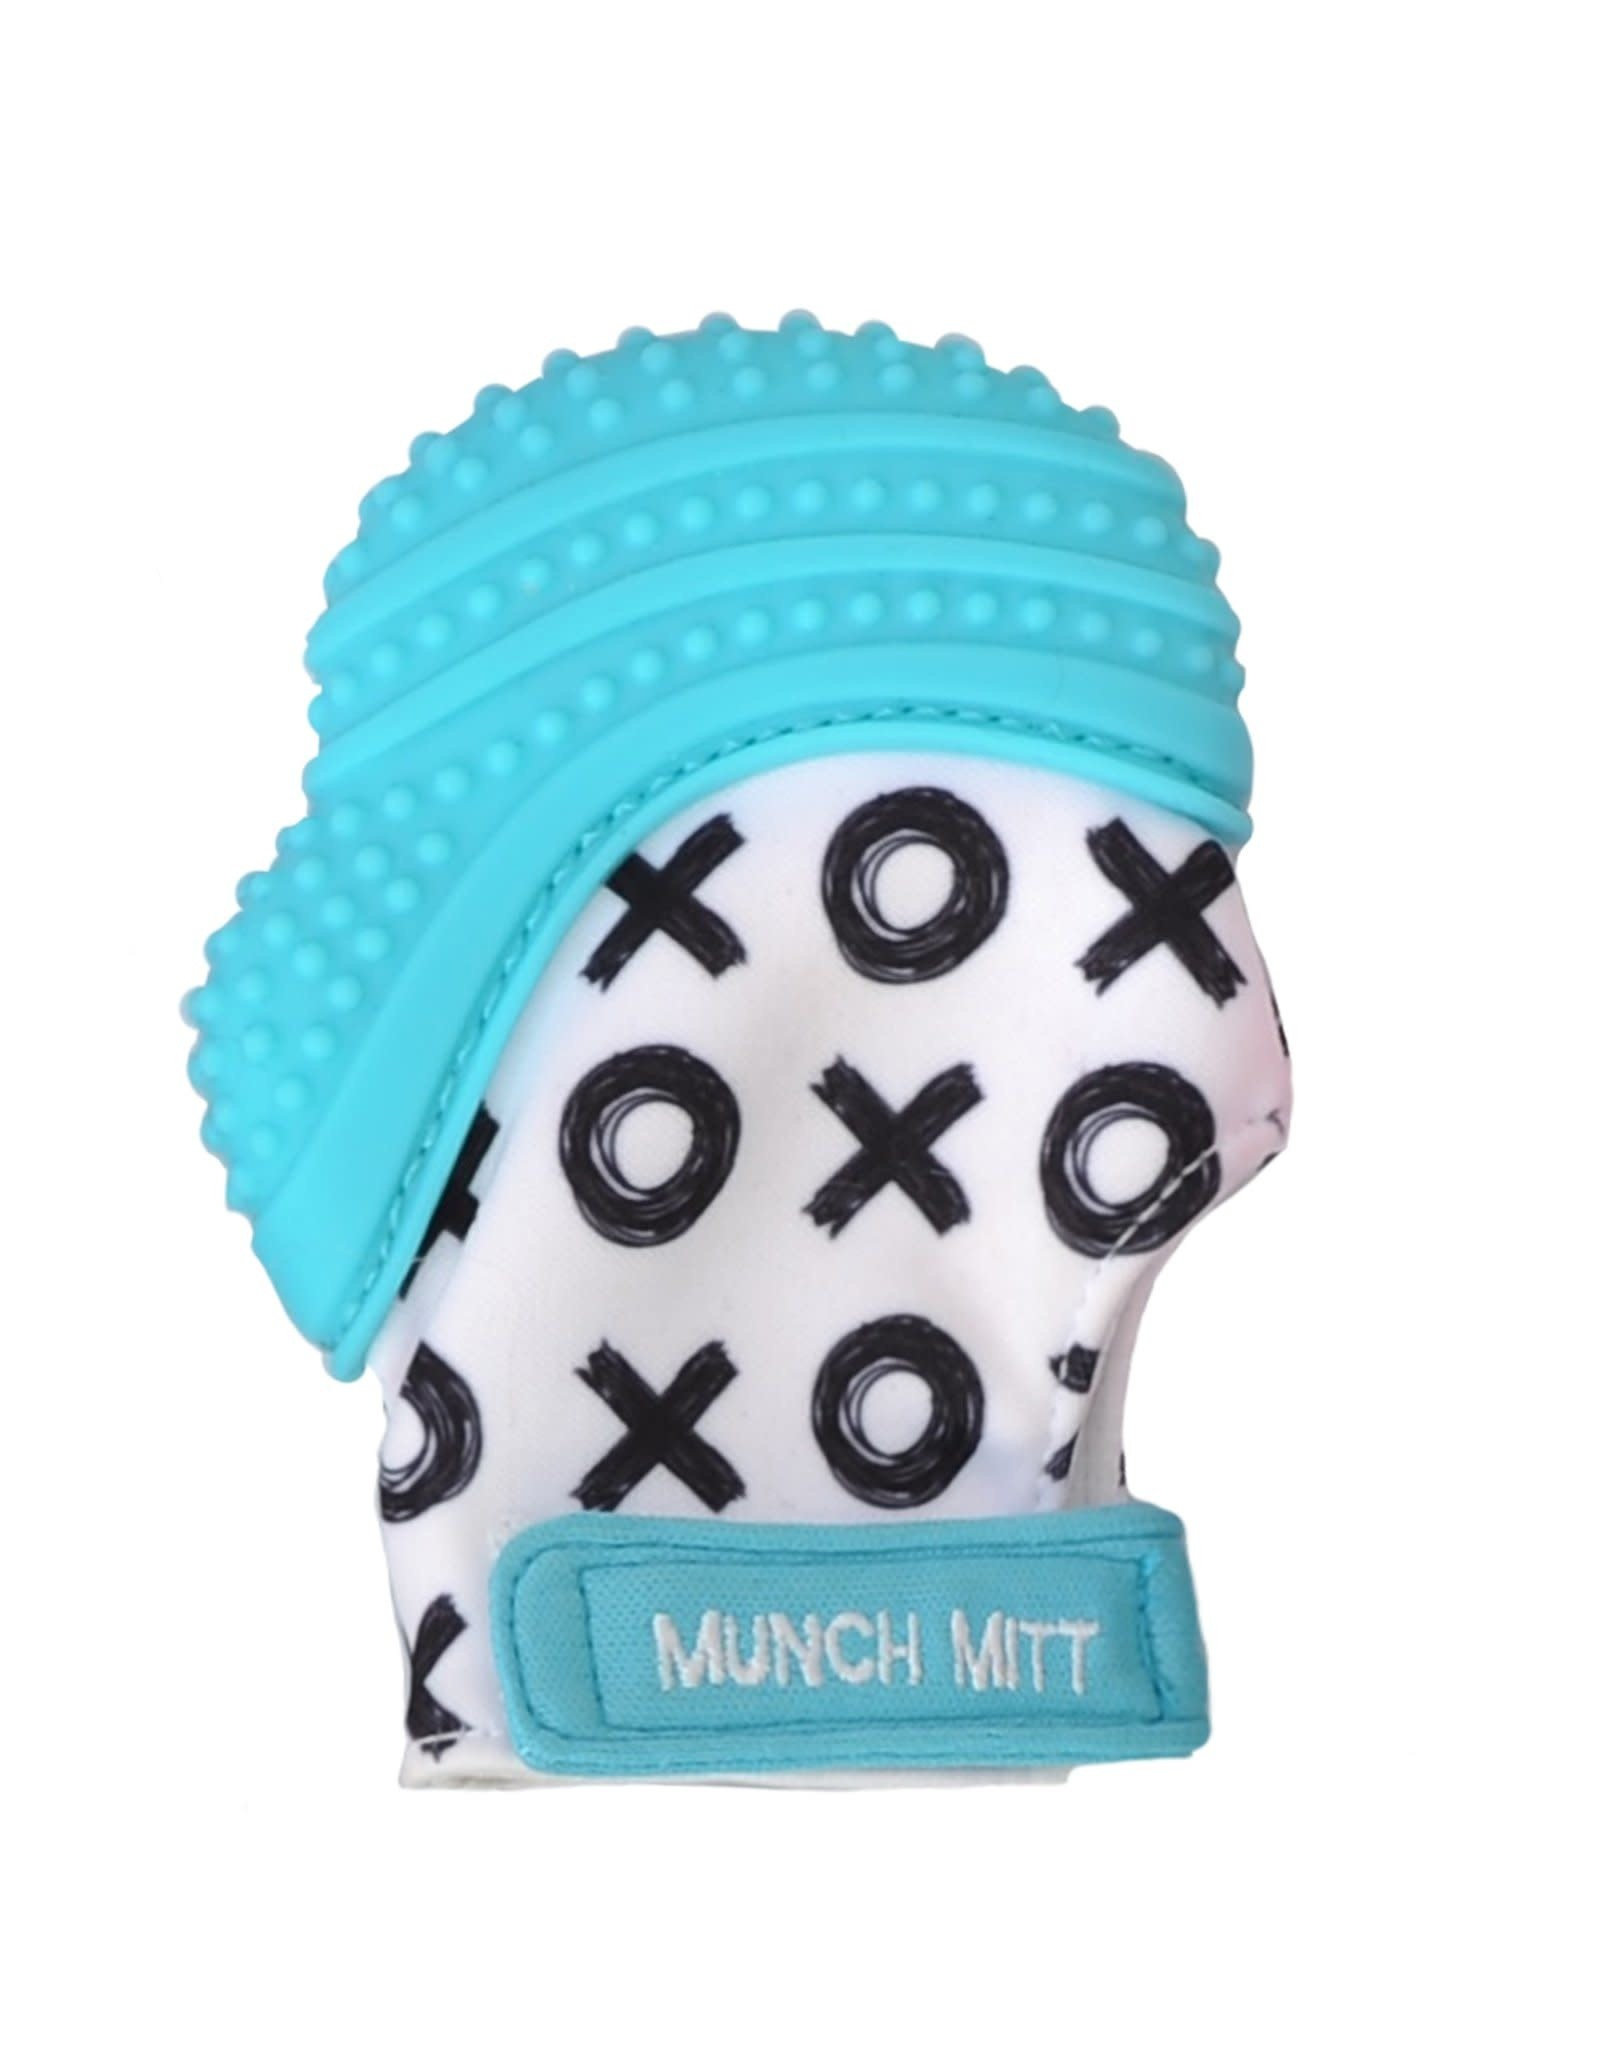 Malarkey Kids Munch Mitt in Aqua/XO